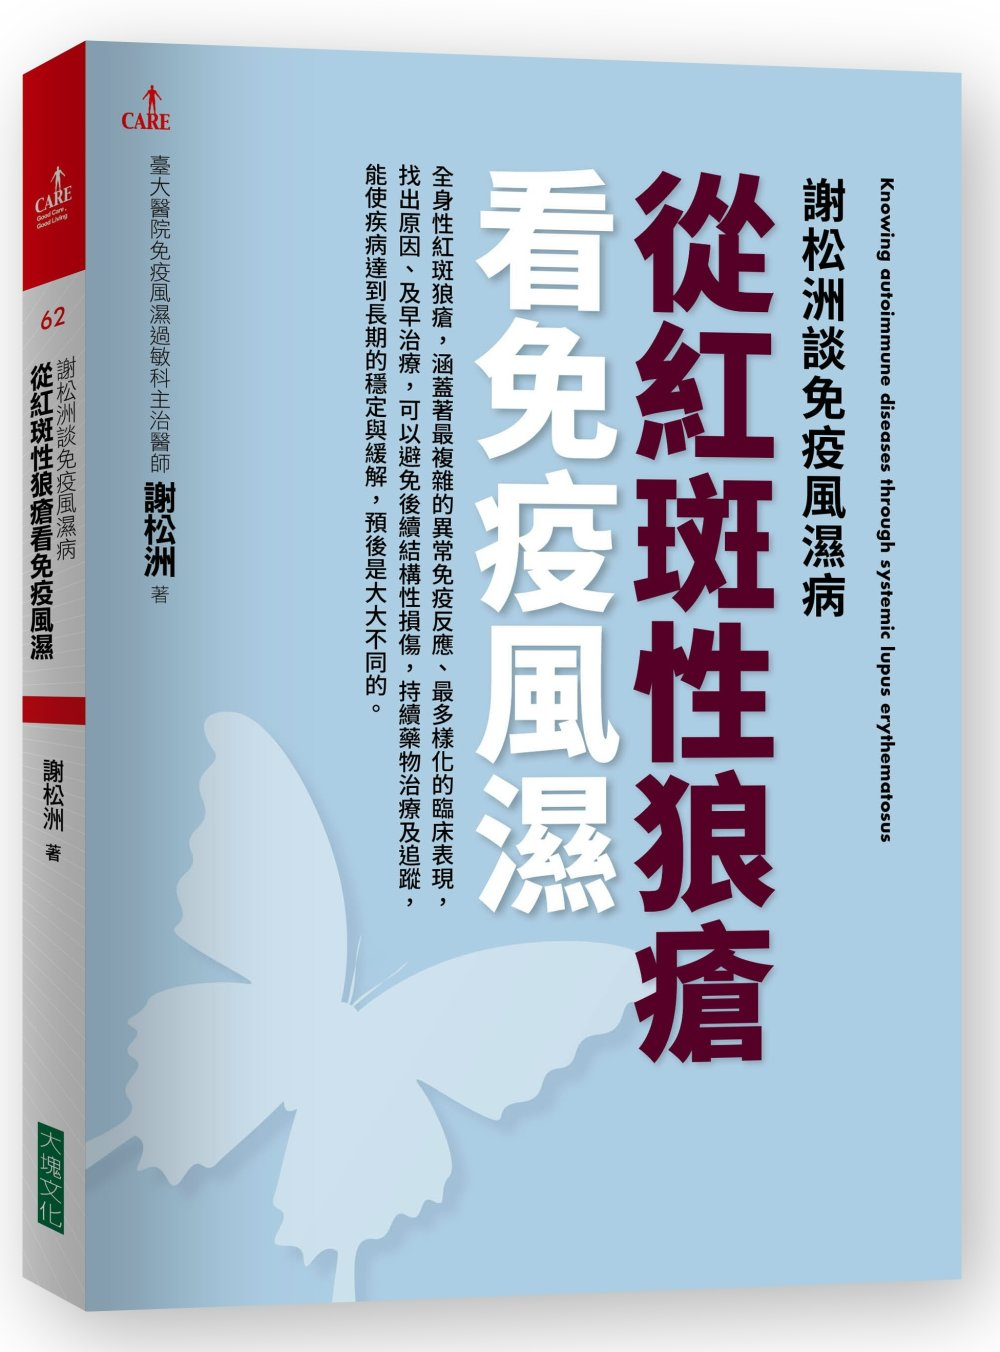 謝松洲談免疫風濕病 從紅斑性狼瘡看免疫風濕